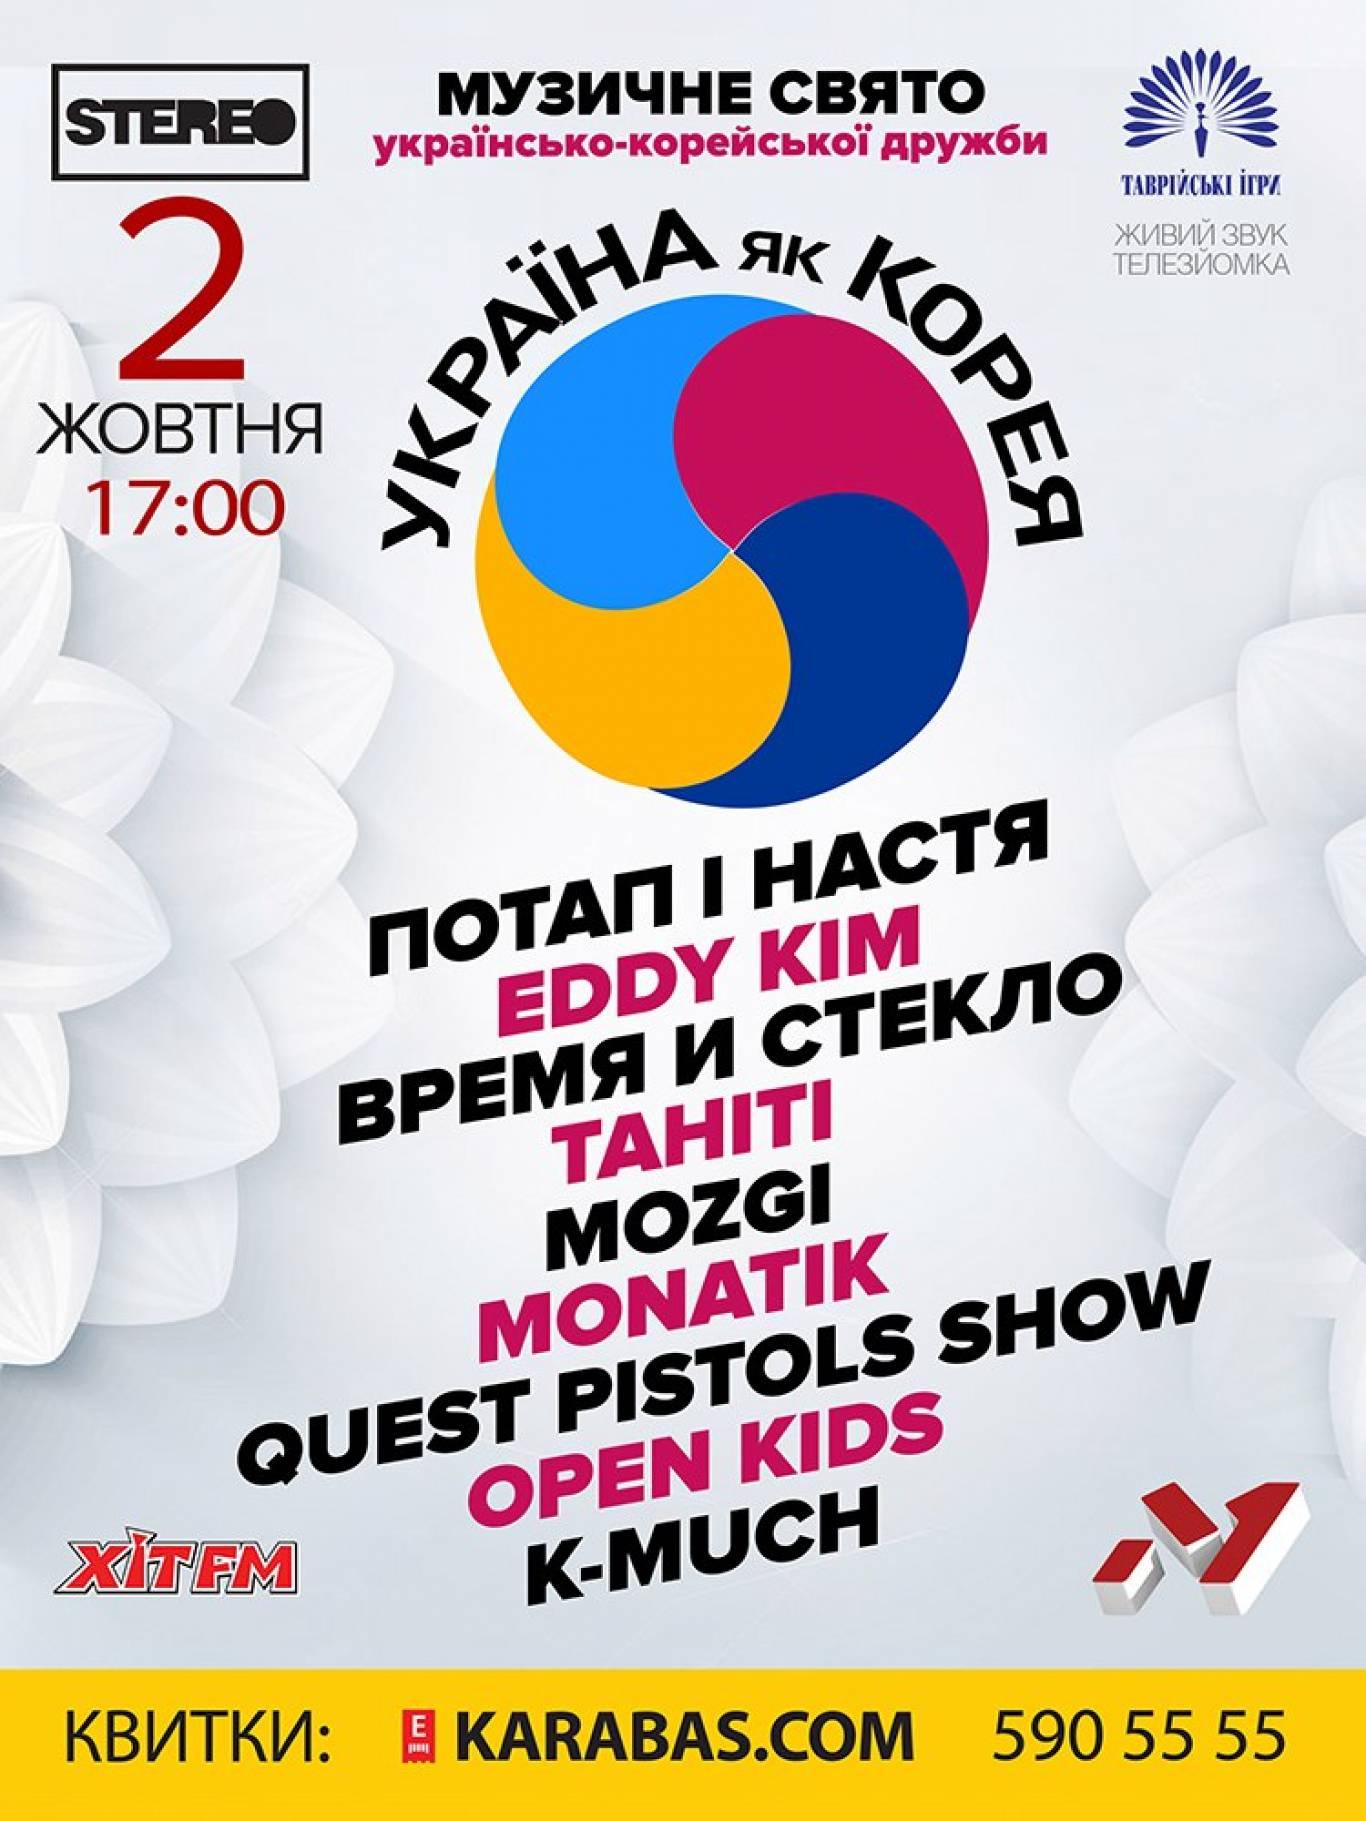 «Украина как Корея»: лучшие украинские и корейские музыканты выступят на одной сцене